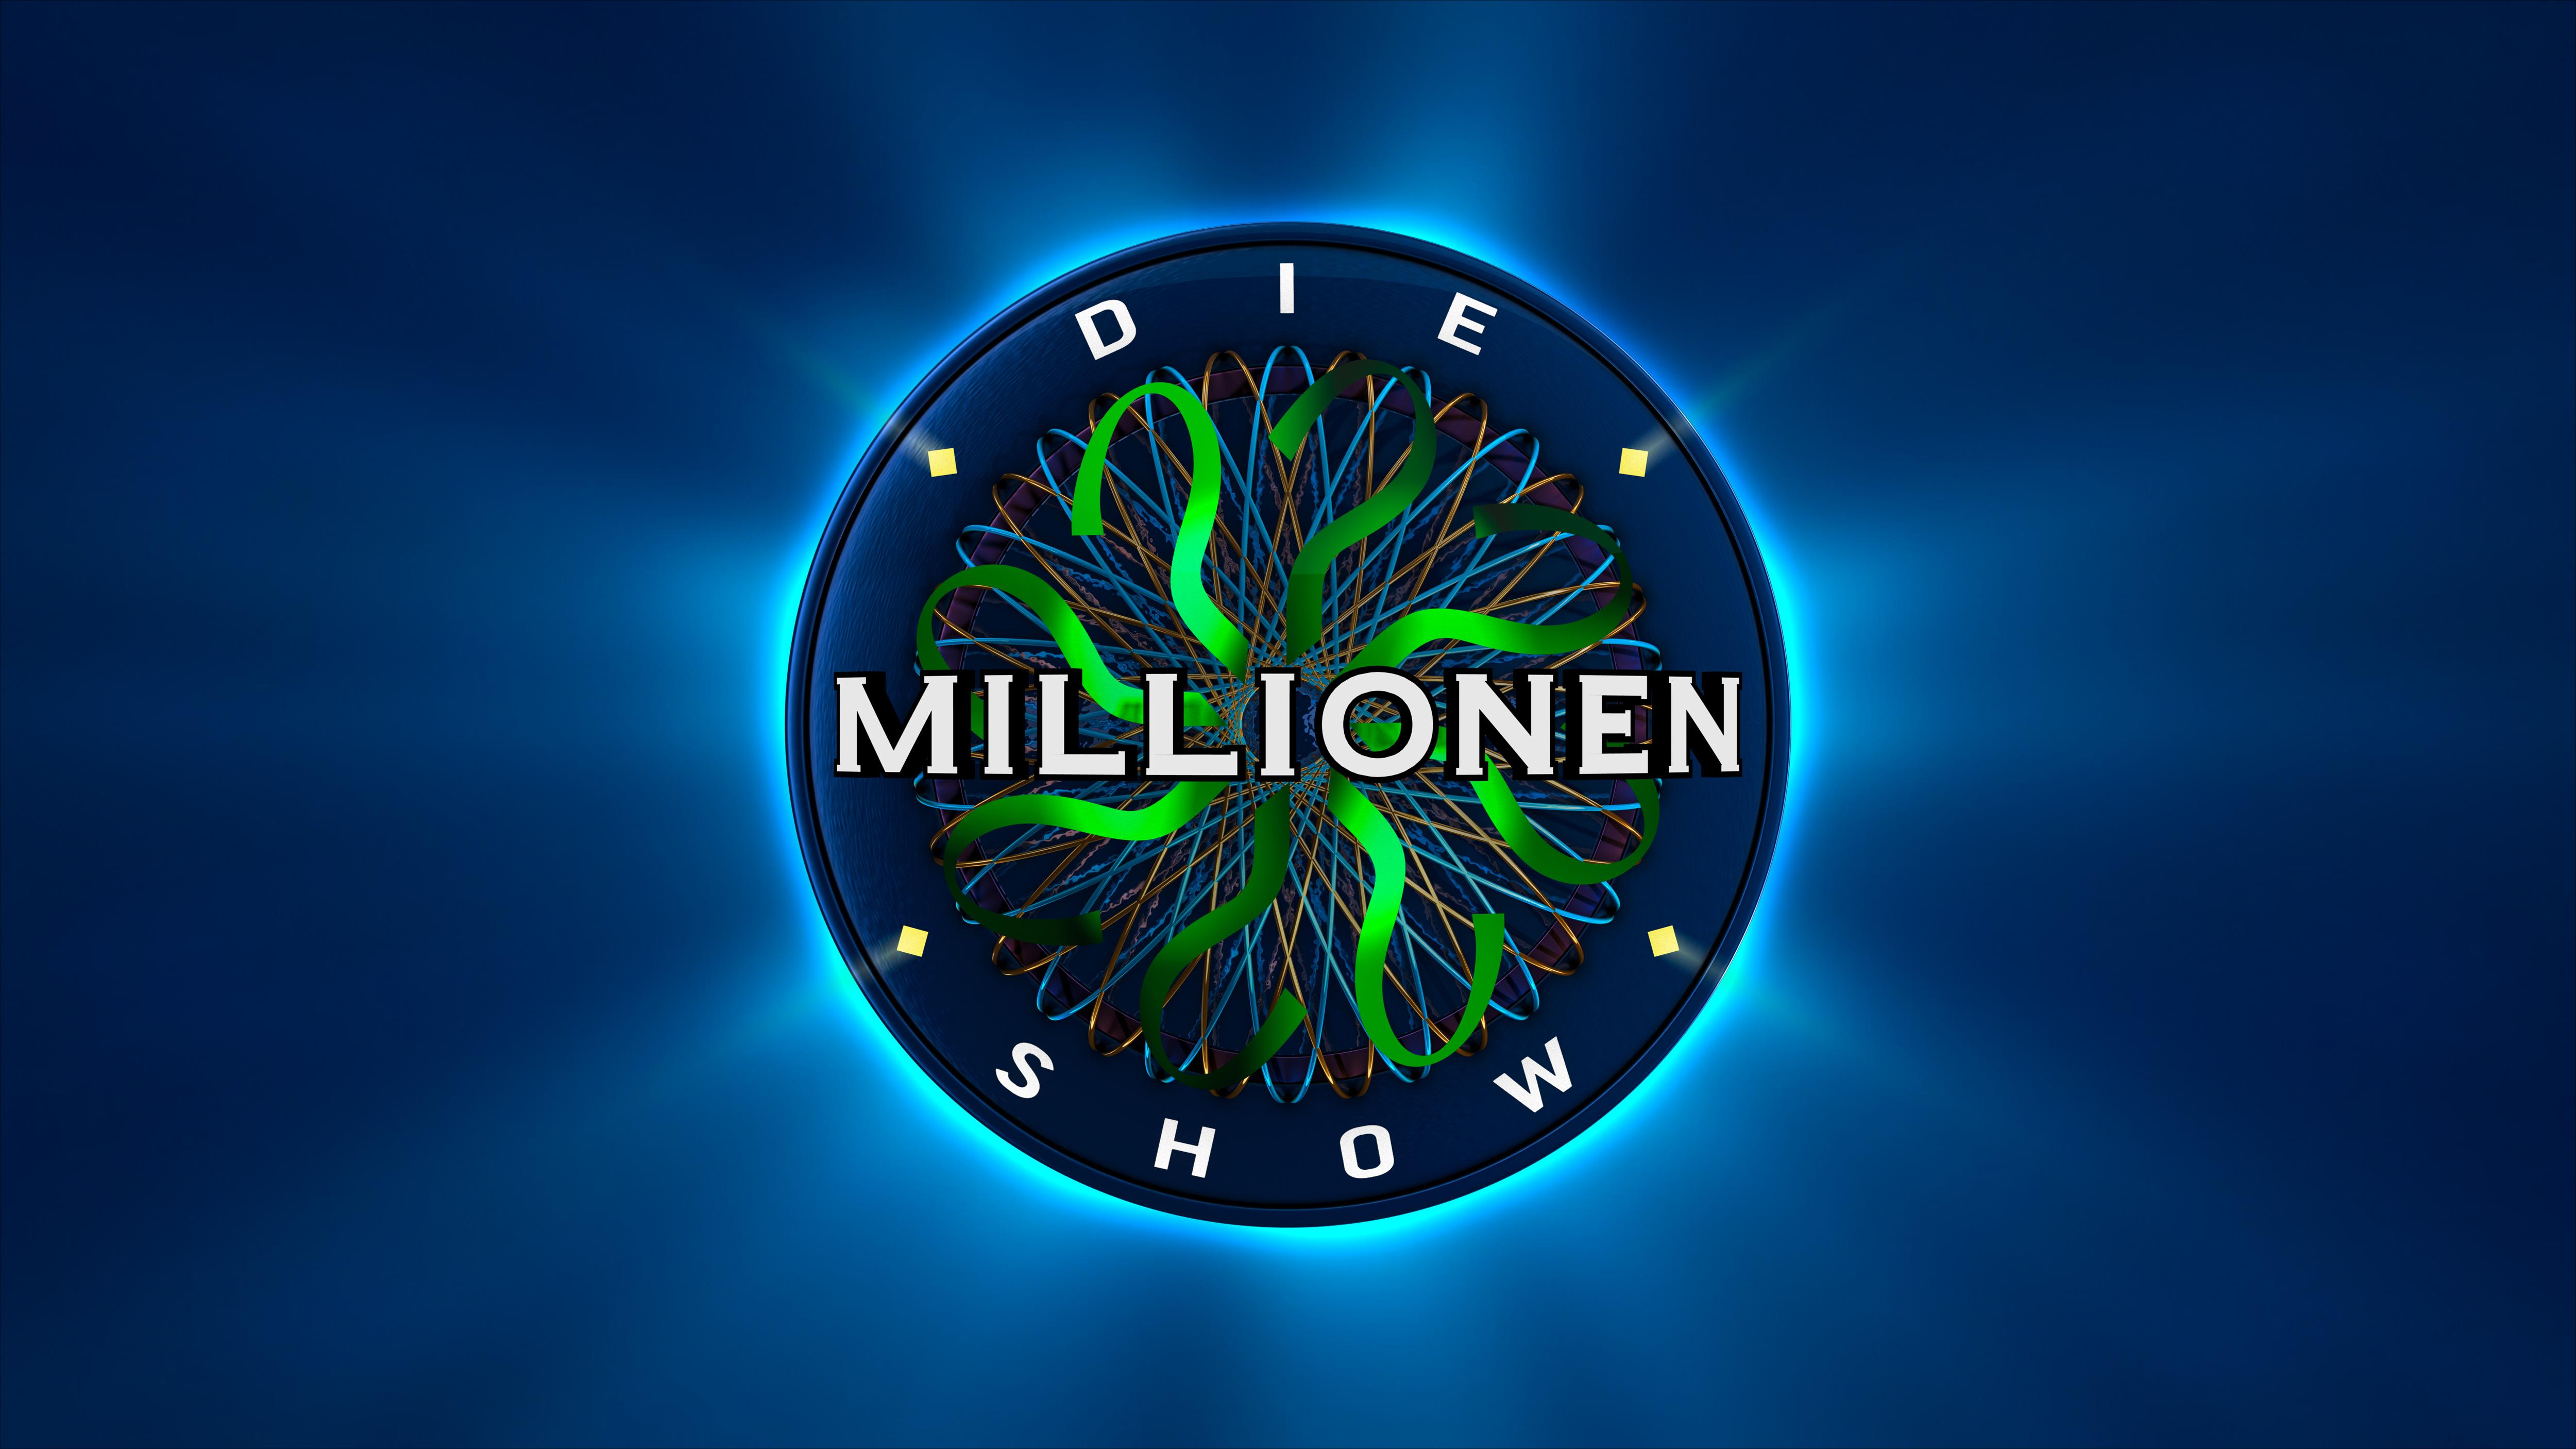 Millionen Show